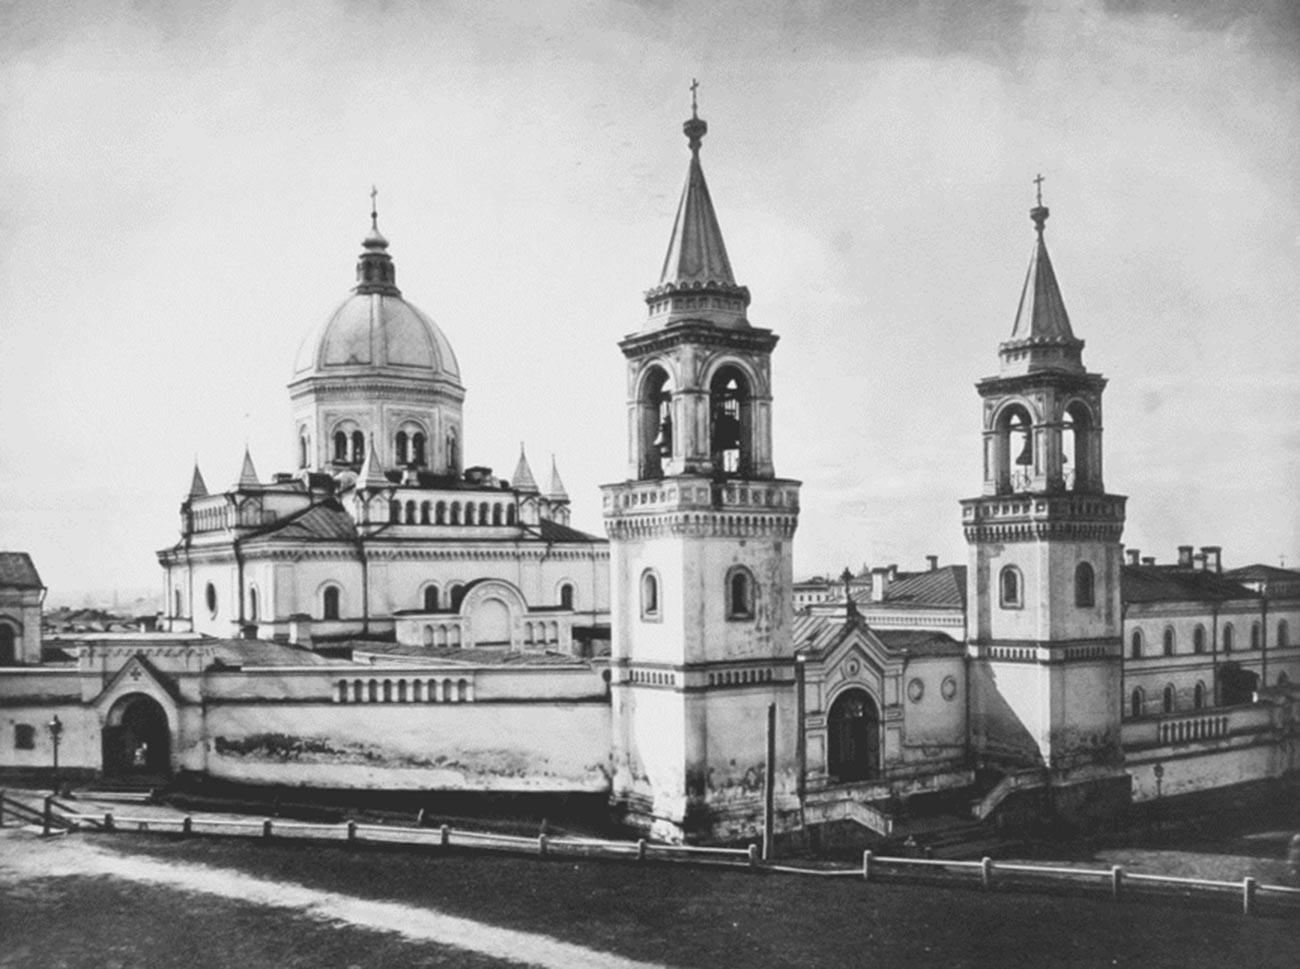 Le couvent de Saint-Jean-le-Précurseur de Moscou, où le mari de Sophia a été détenu dans un camp de concentration temporaire dans les années 1920